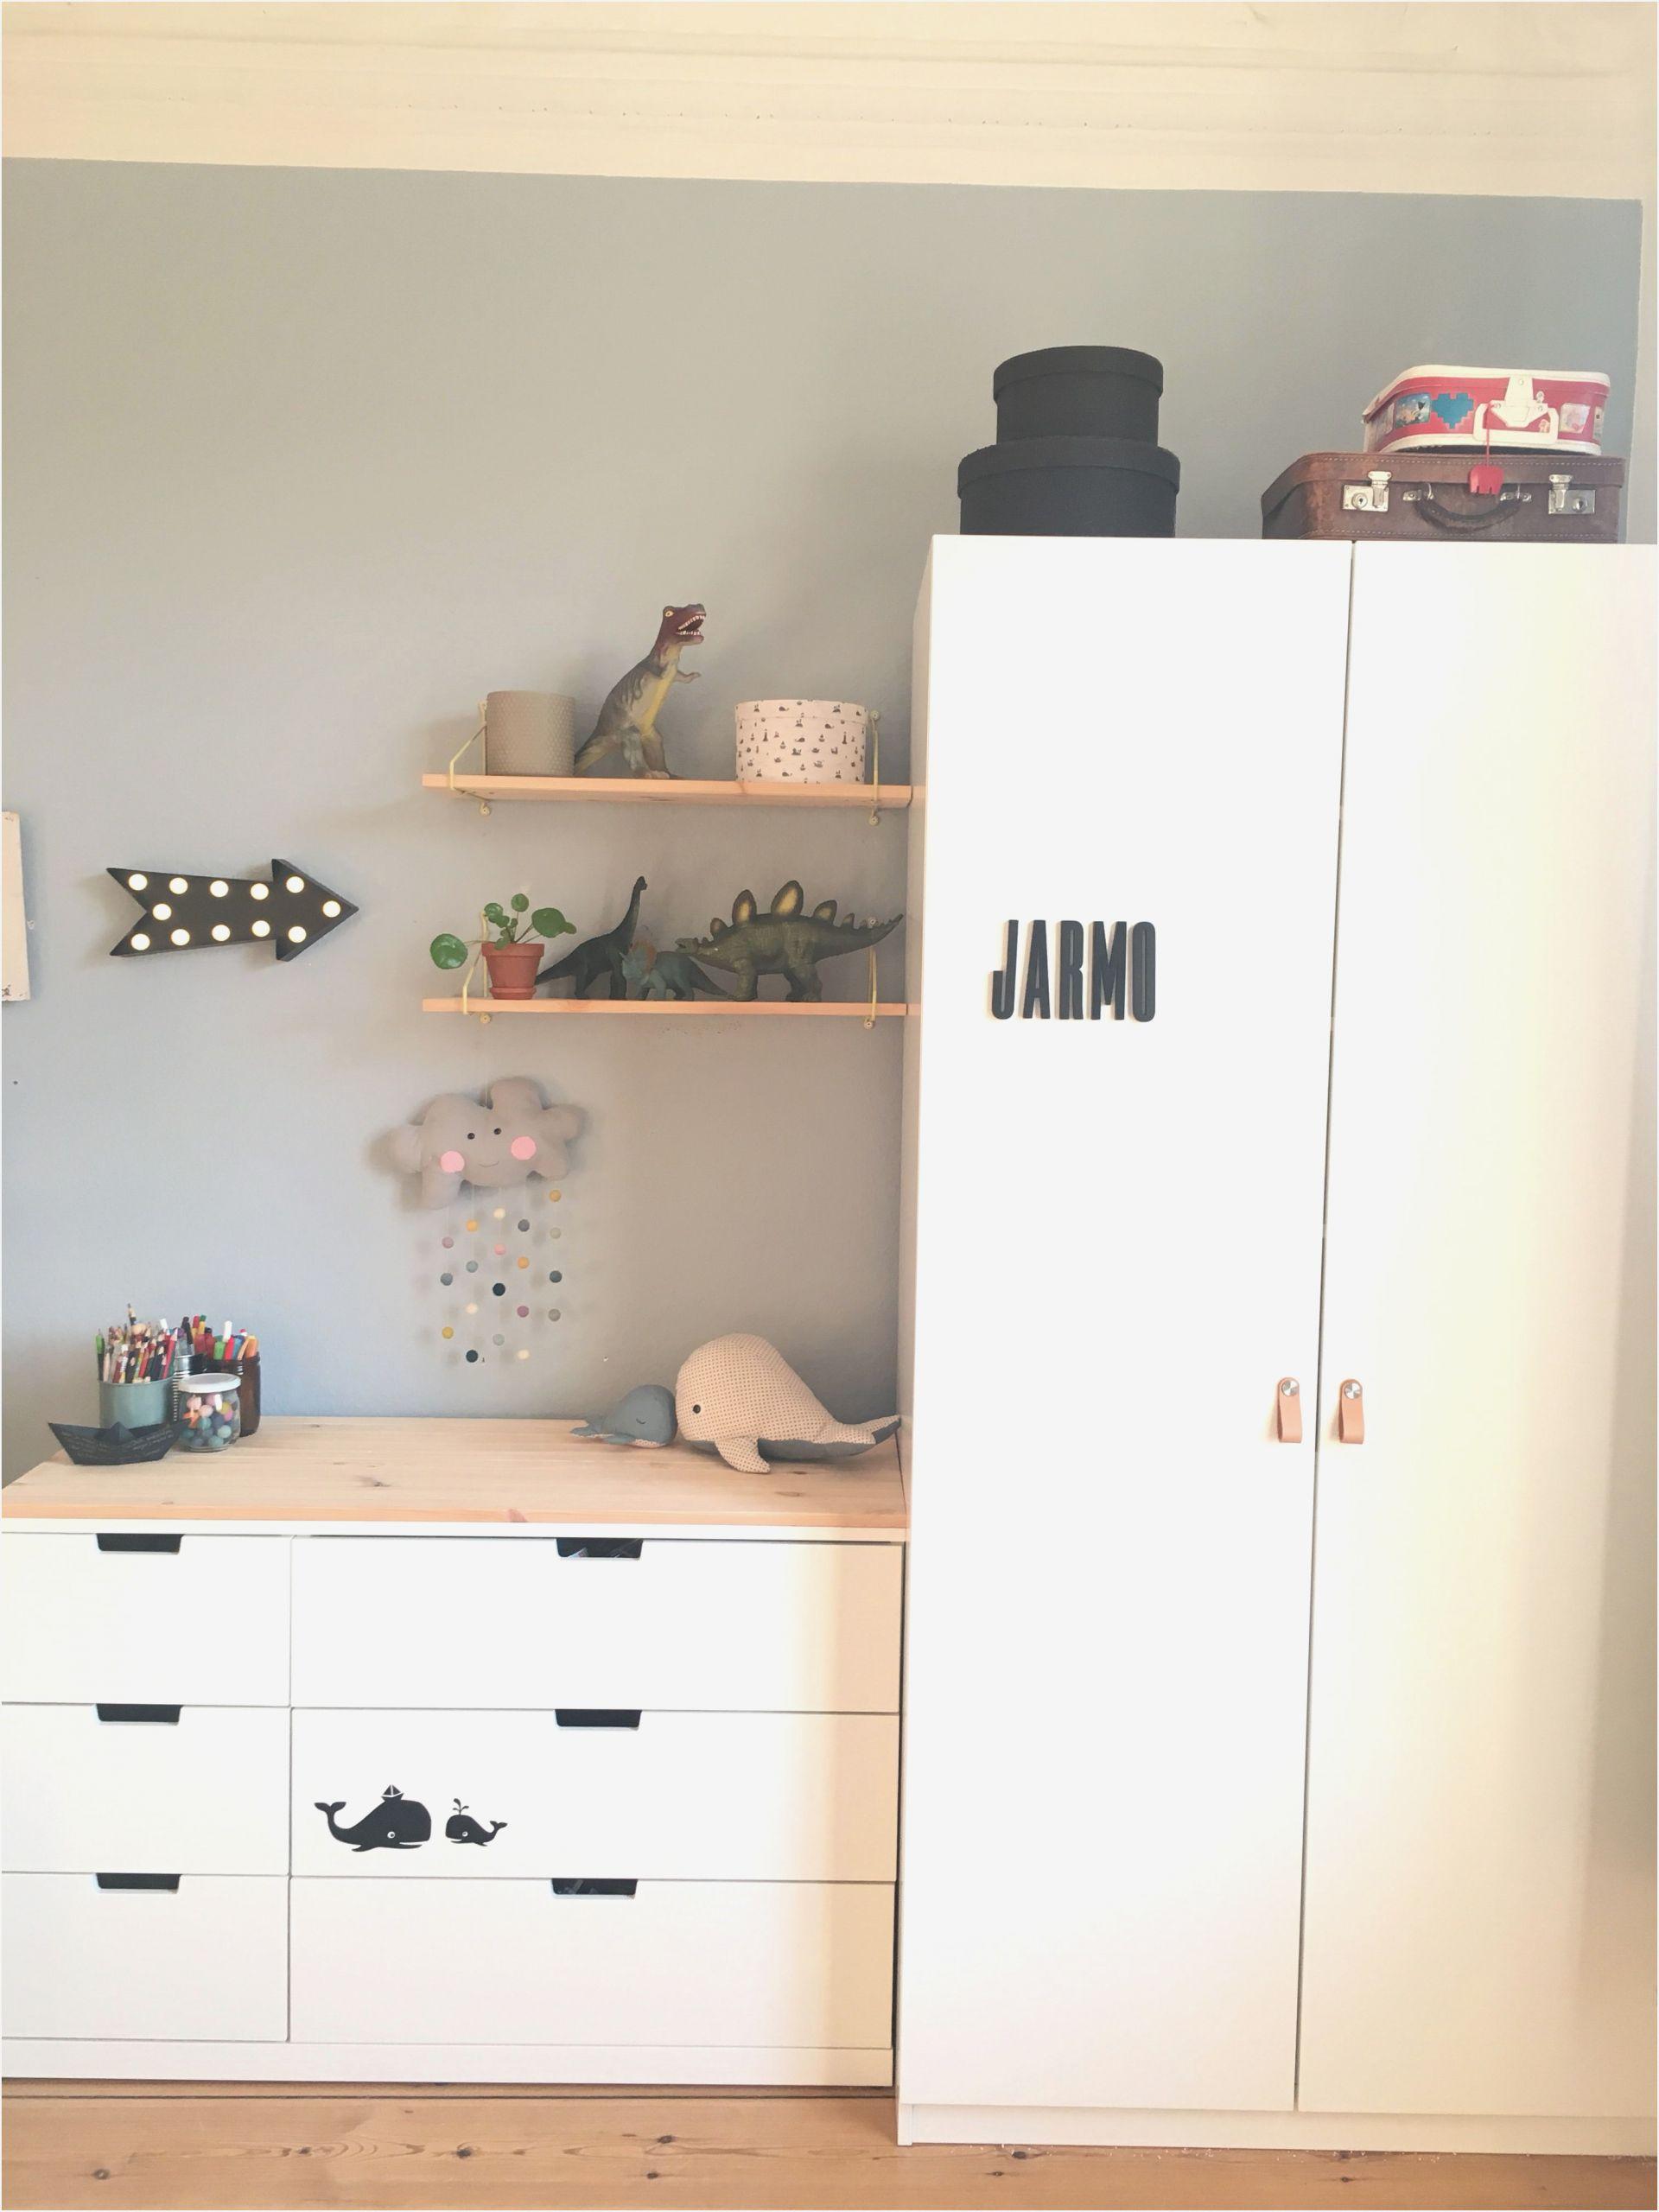 Full Size of Aufbewahrungsboxen Kinderzimmer Aufbewahrung Ikea Wand Traumhaus Regal Sofa Weiß Regale Kinderzimmer Aufbewahrungsboxen Kinderzimmer